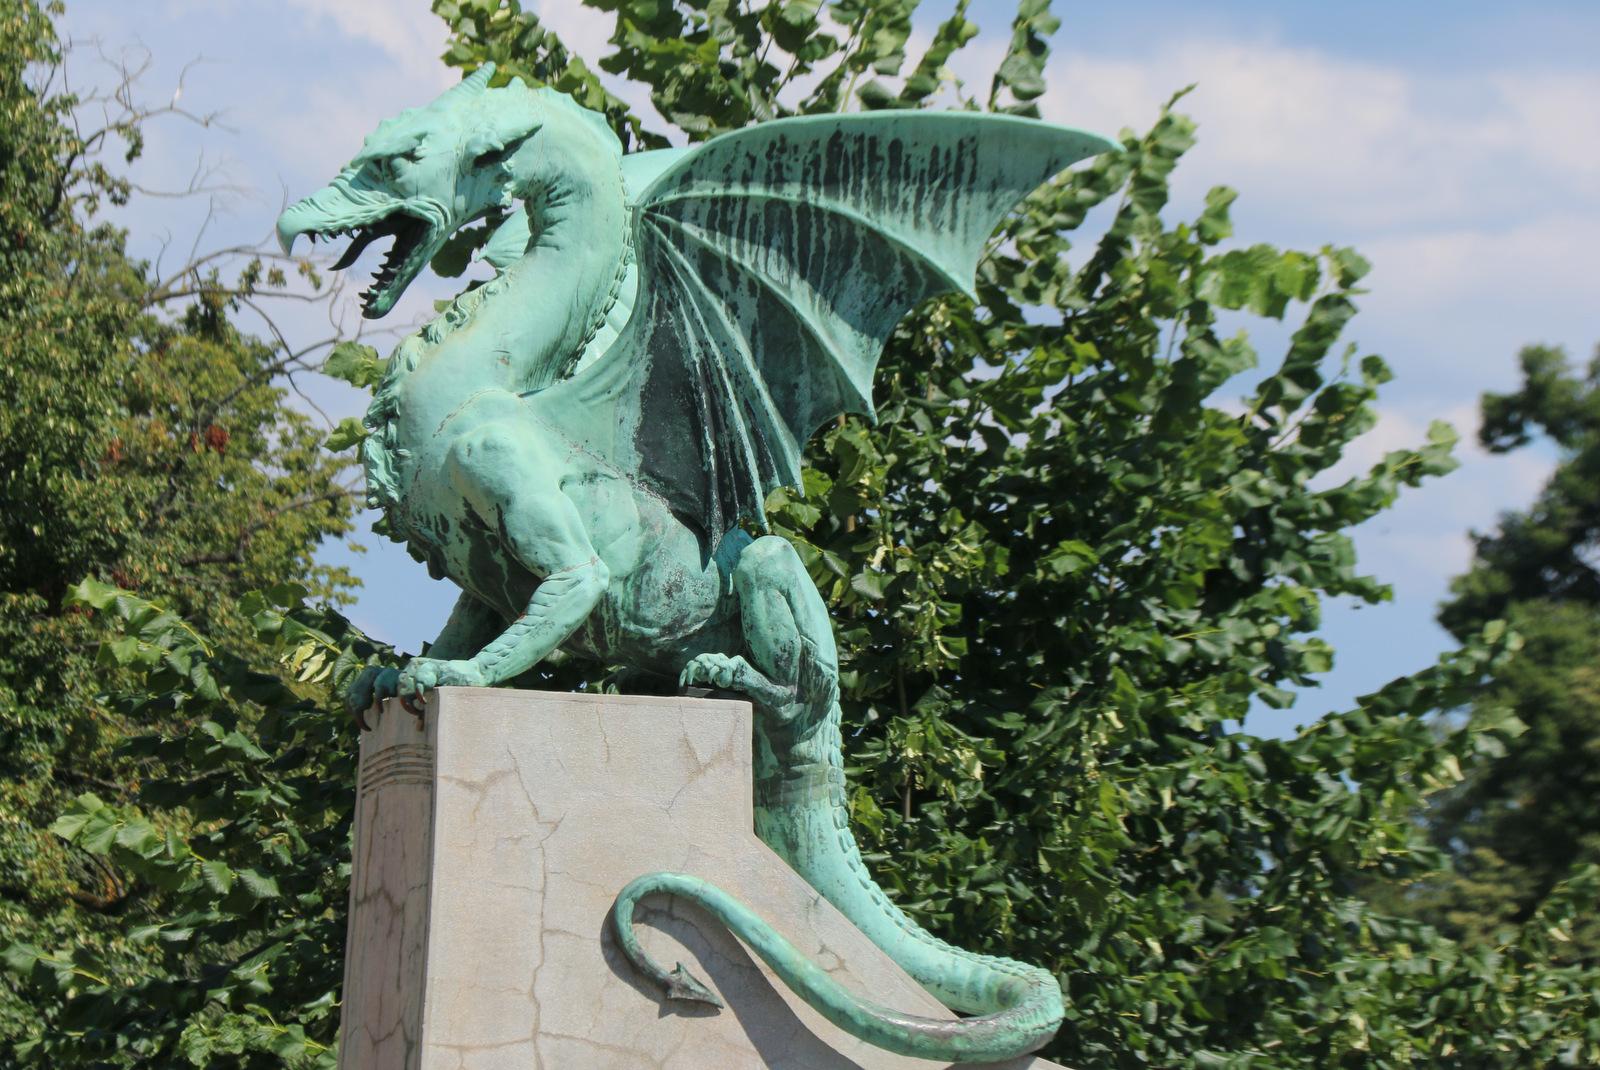 Ljubljanski zmaj, Zmajski most